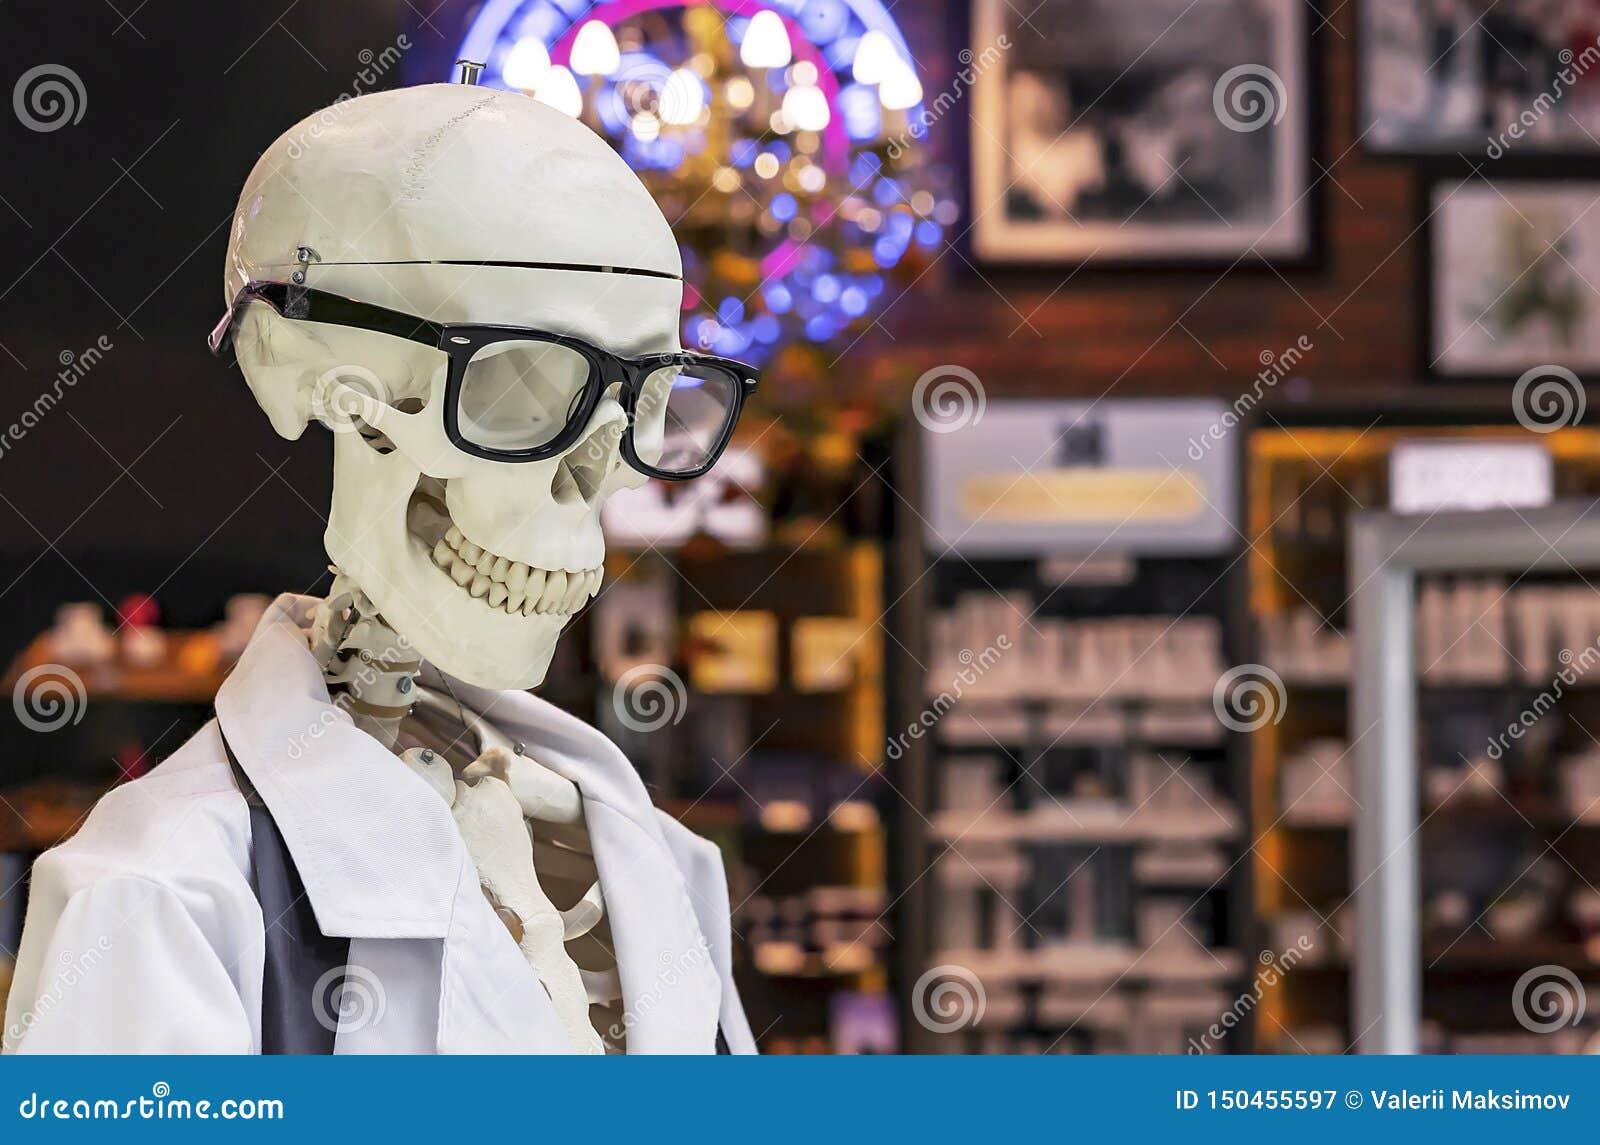 Ludzki kościec w białej medycznej todze czarnych szkłach i